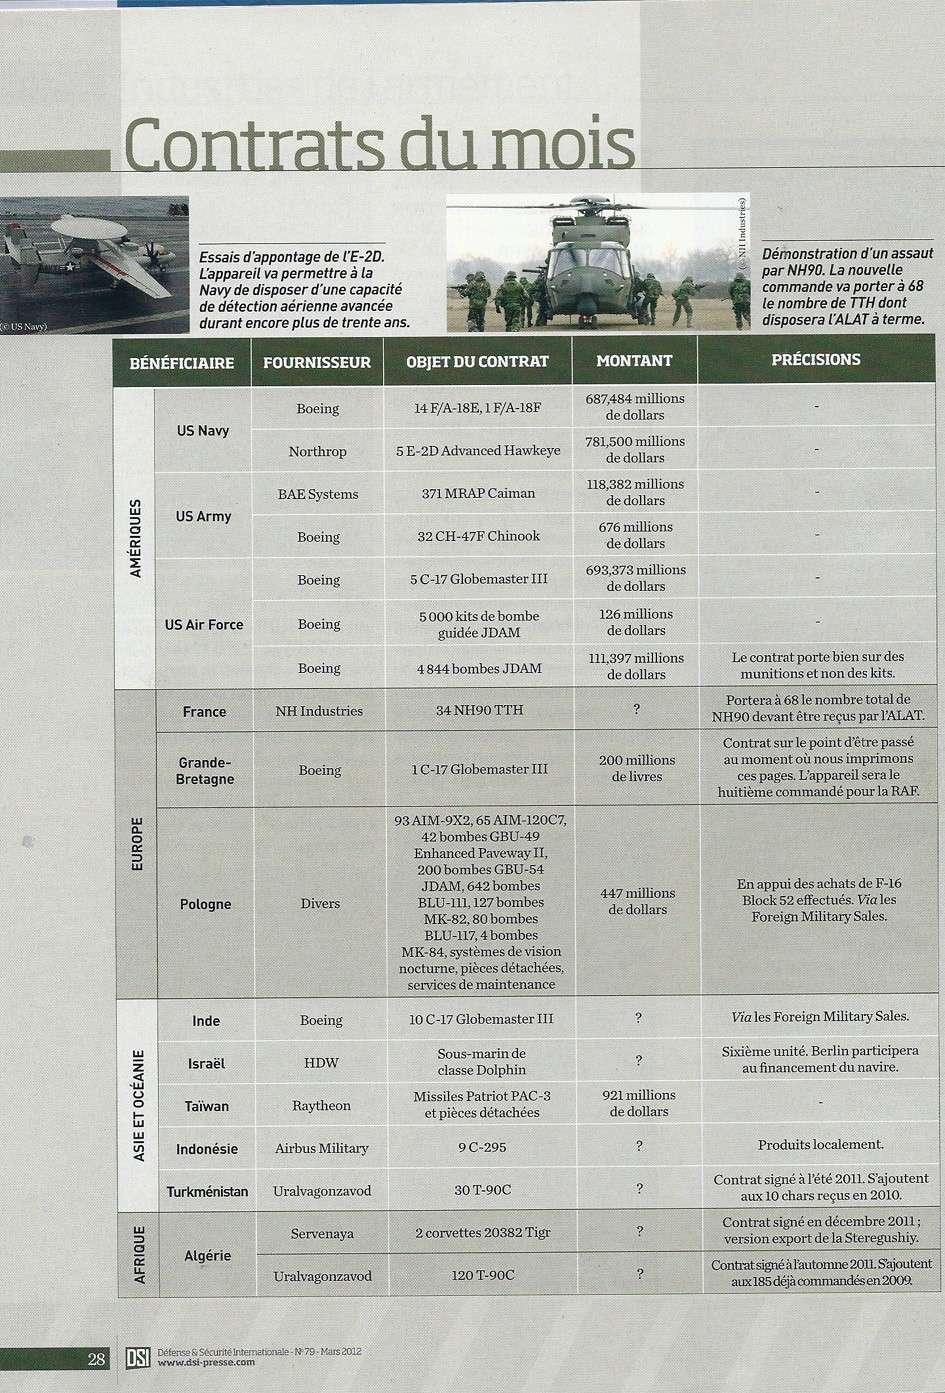 في سلسلة الصفقات الجزائرية...مفاوضات حول اقتناء 15 مقاتلة SU-30 MKA T90tig10